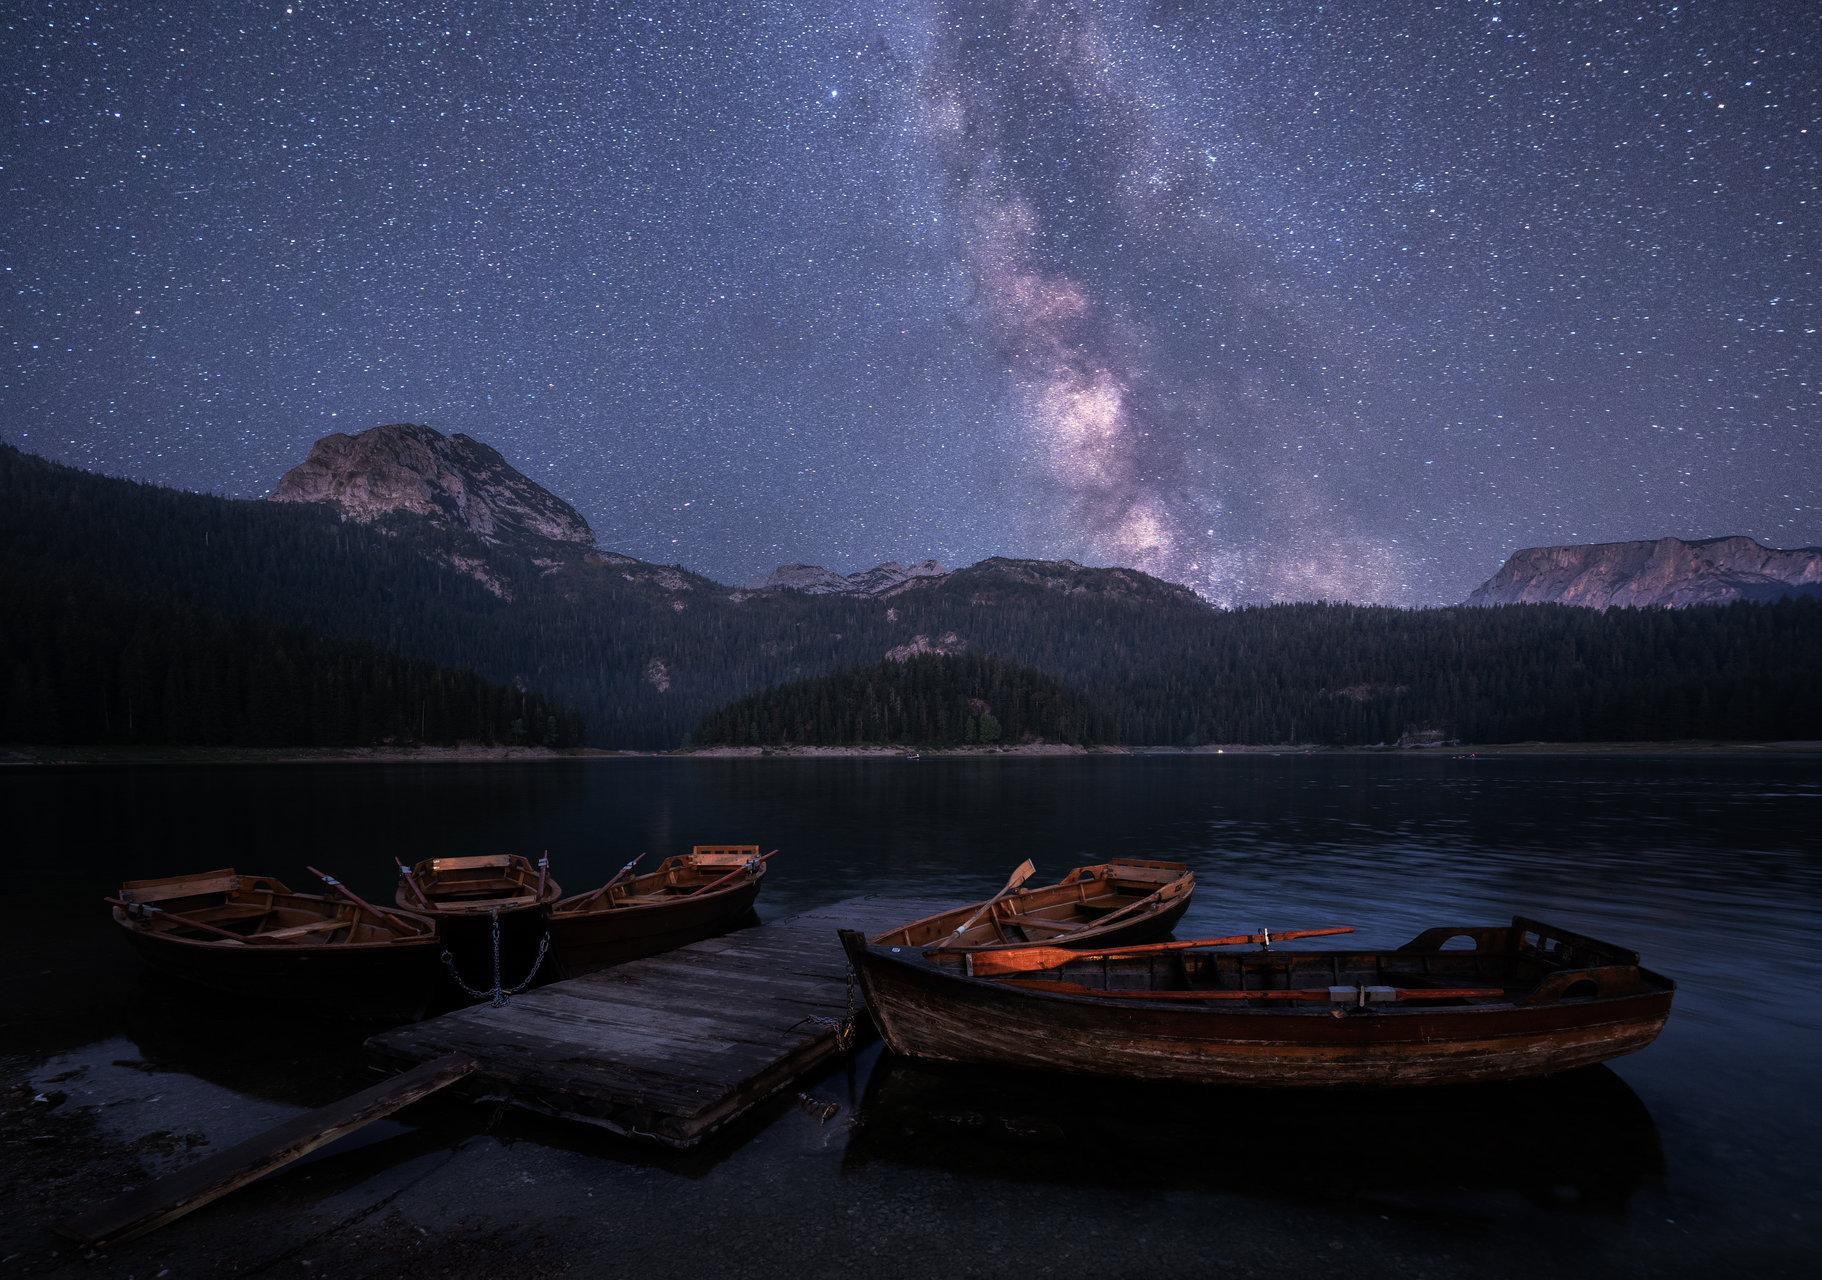 Лодки под звездите   Author Lyubomir Momchilov - Liubendy   PHOTO FORUM